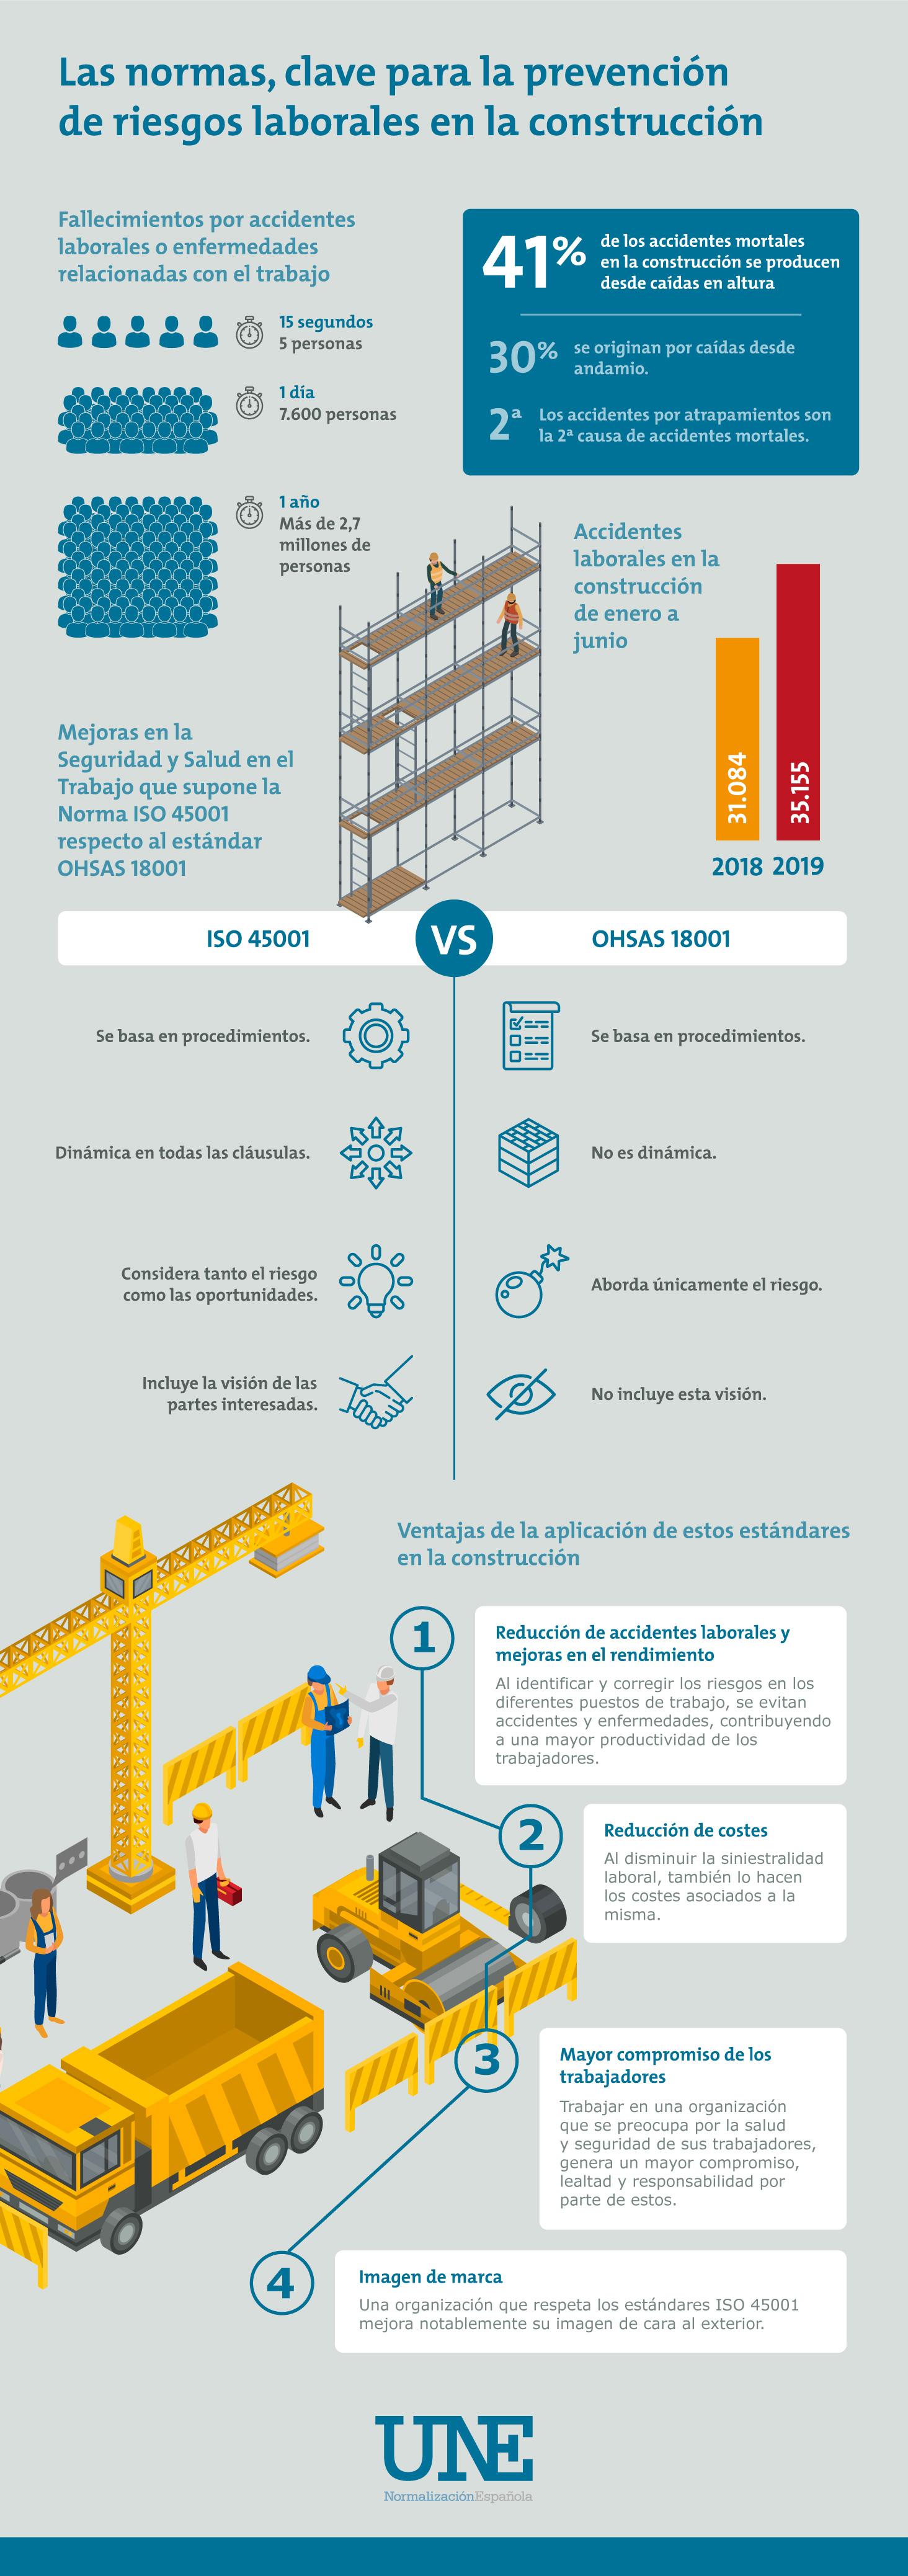 prevencion de riesgos laborales construccion